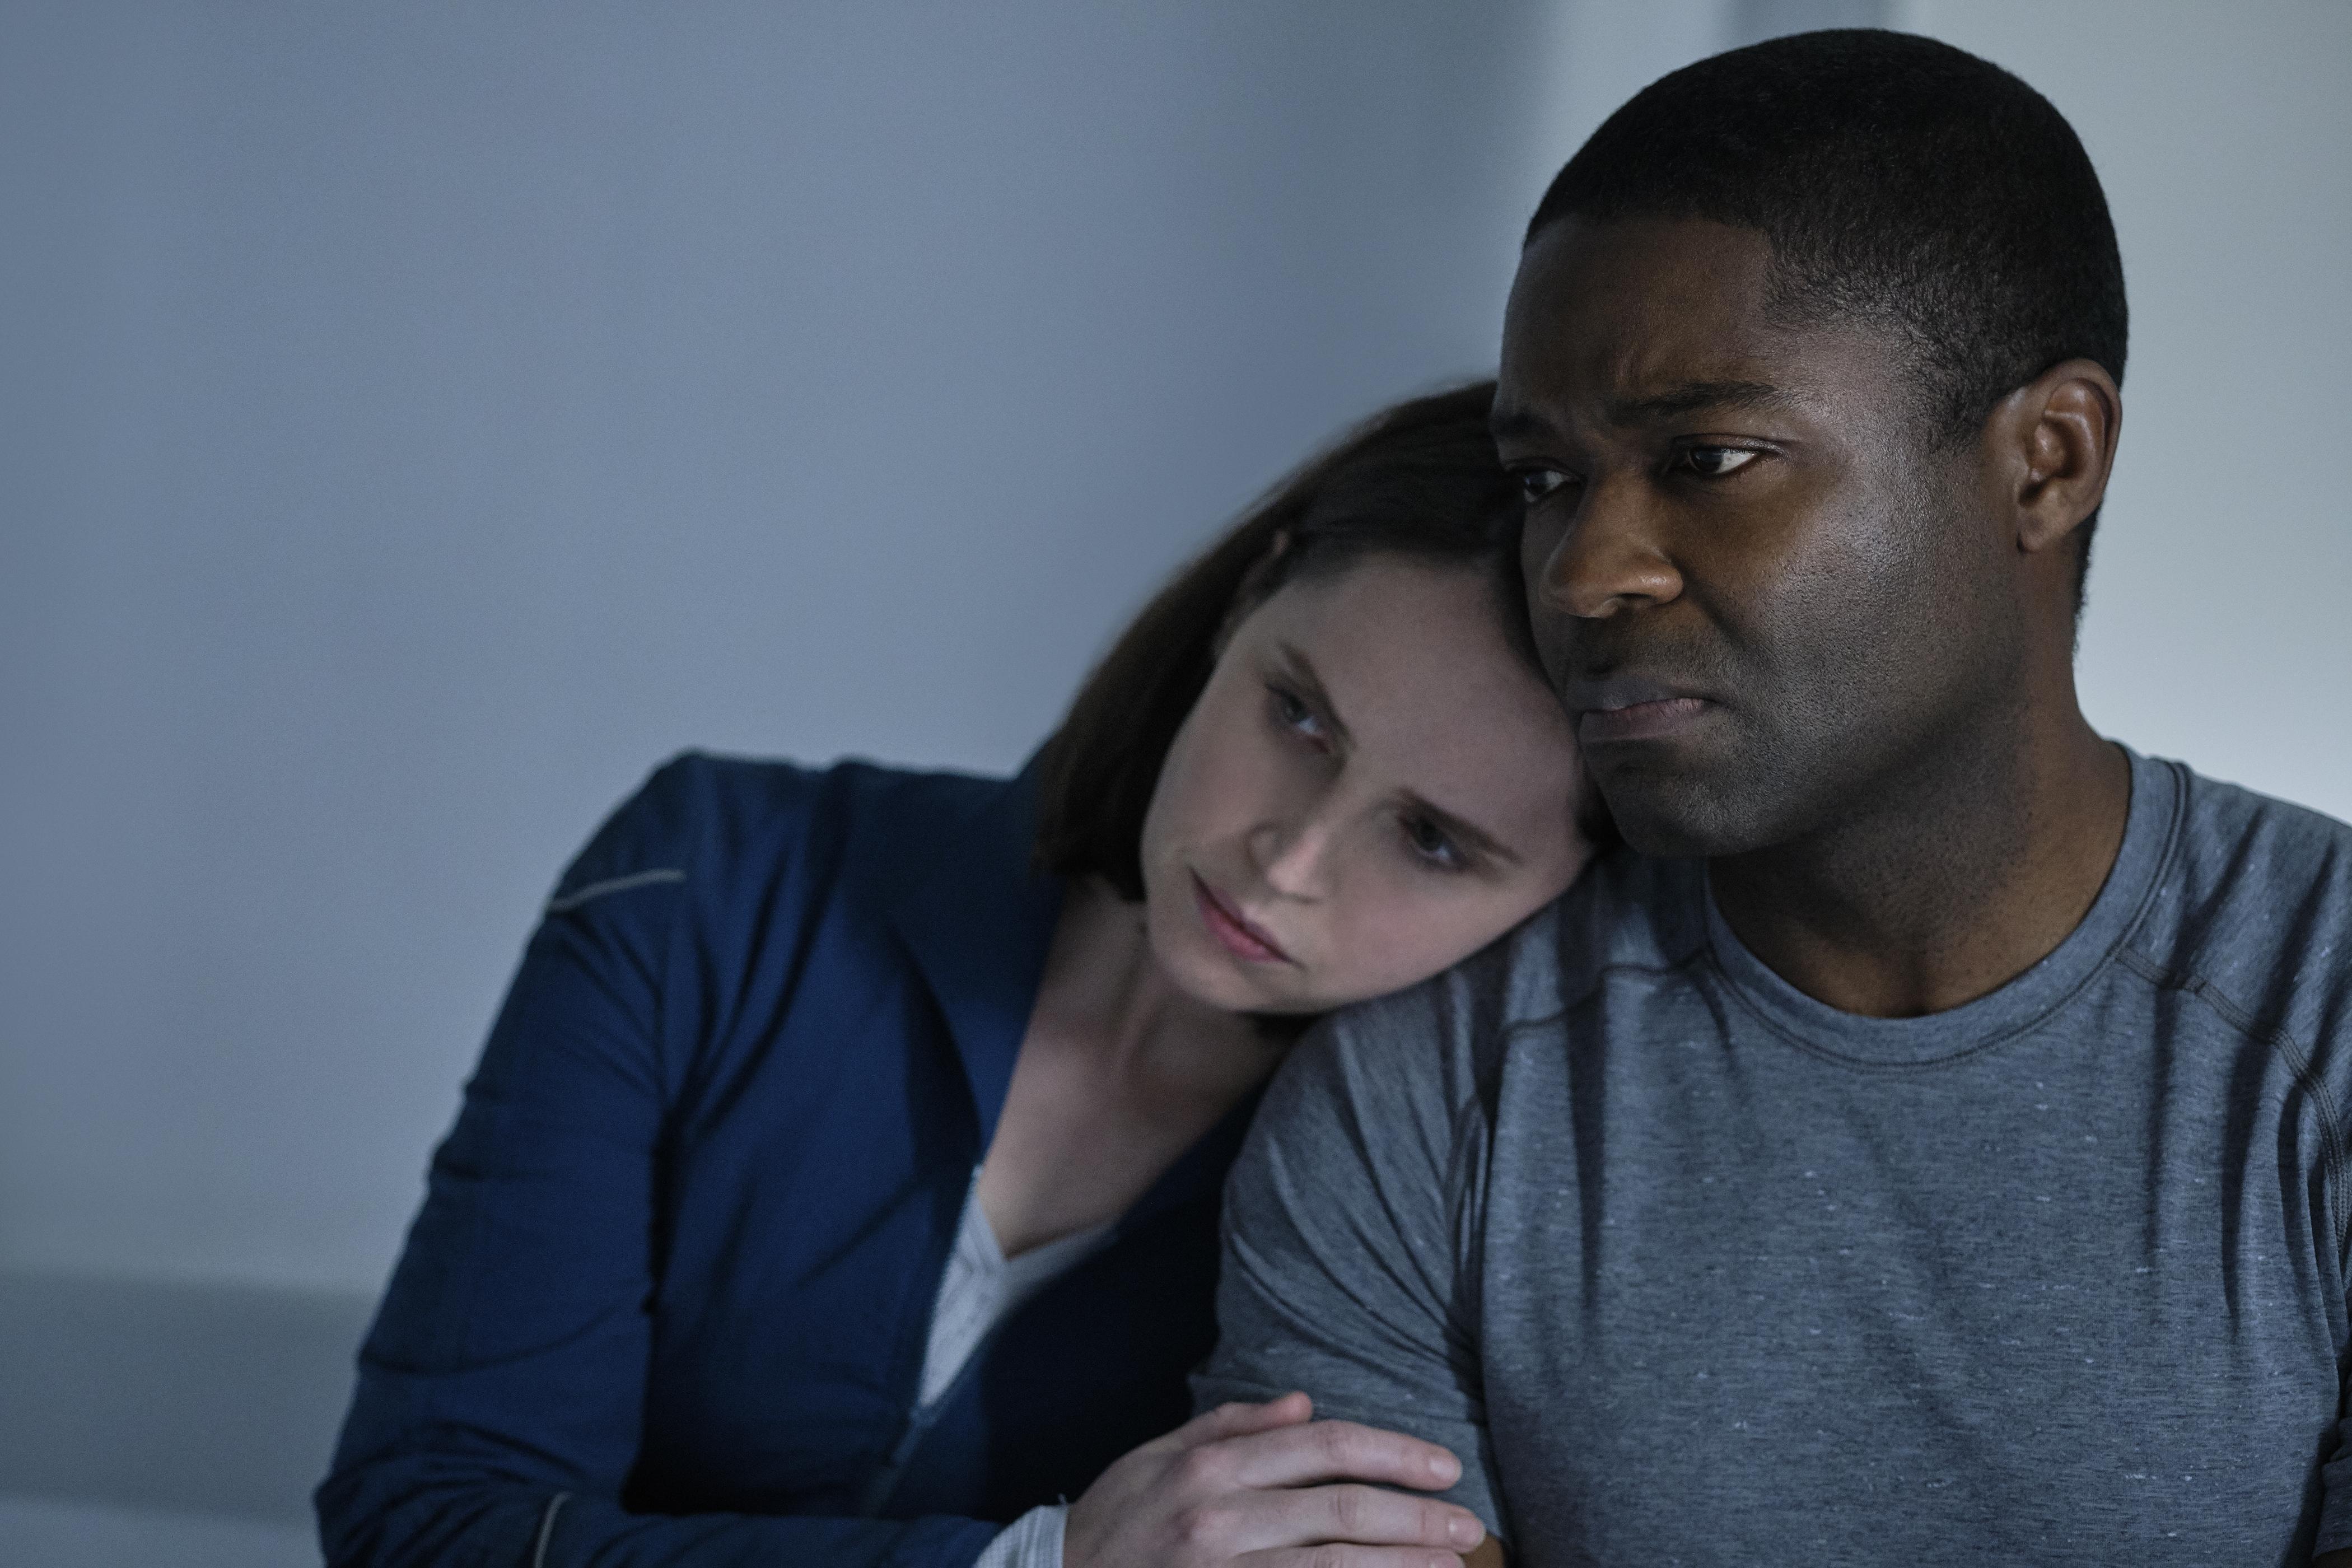 Mulher com roupa azul marinho está encostada sobre o ombro de um homem vestido com blusa cinza